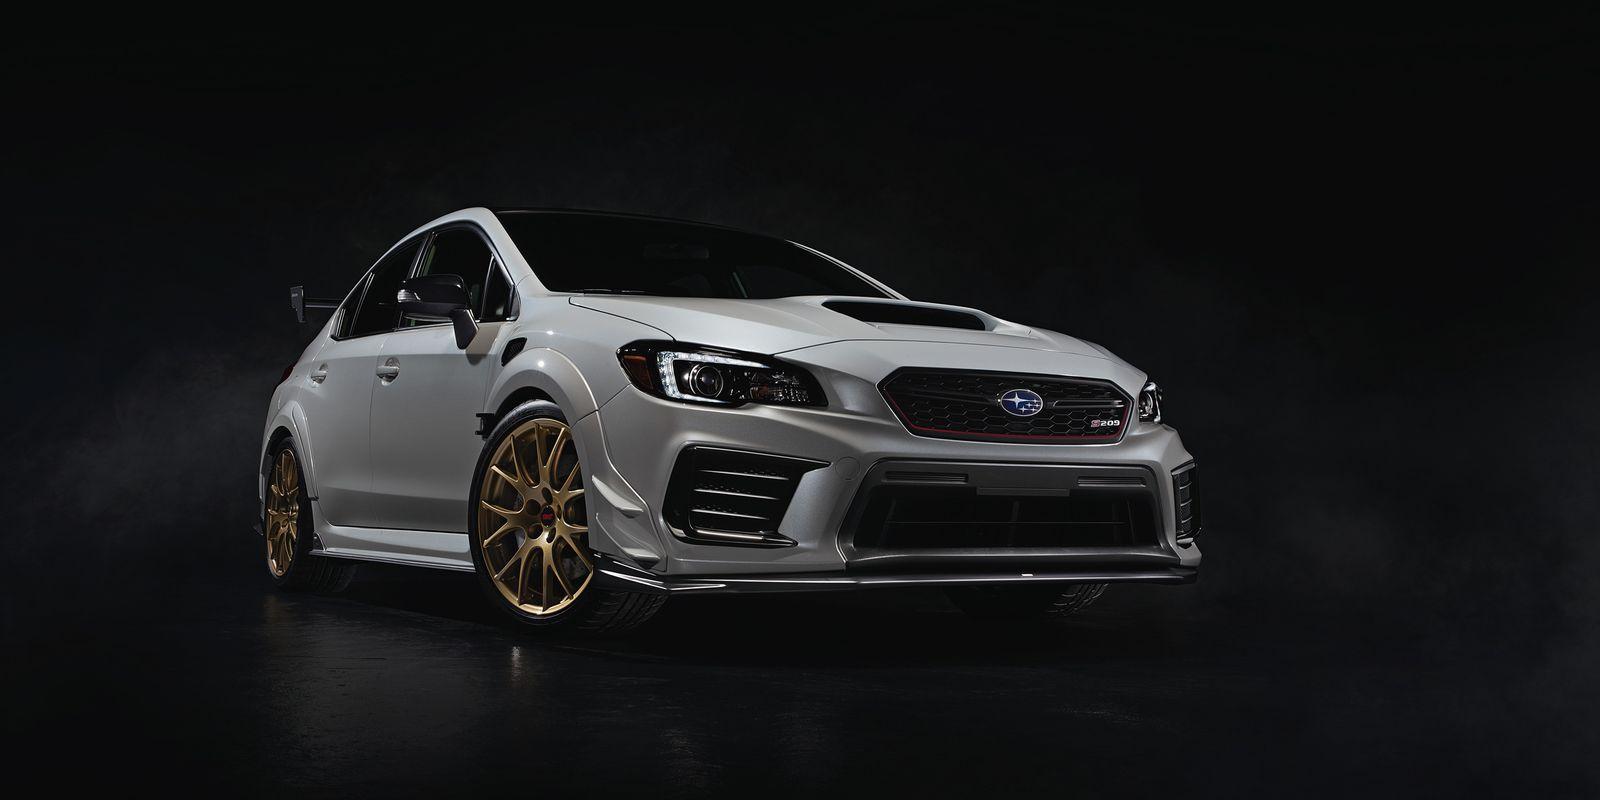 The 2020 Subaru WRX STI S209 Finally Gives the STI a Real